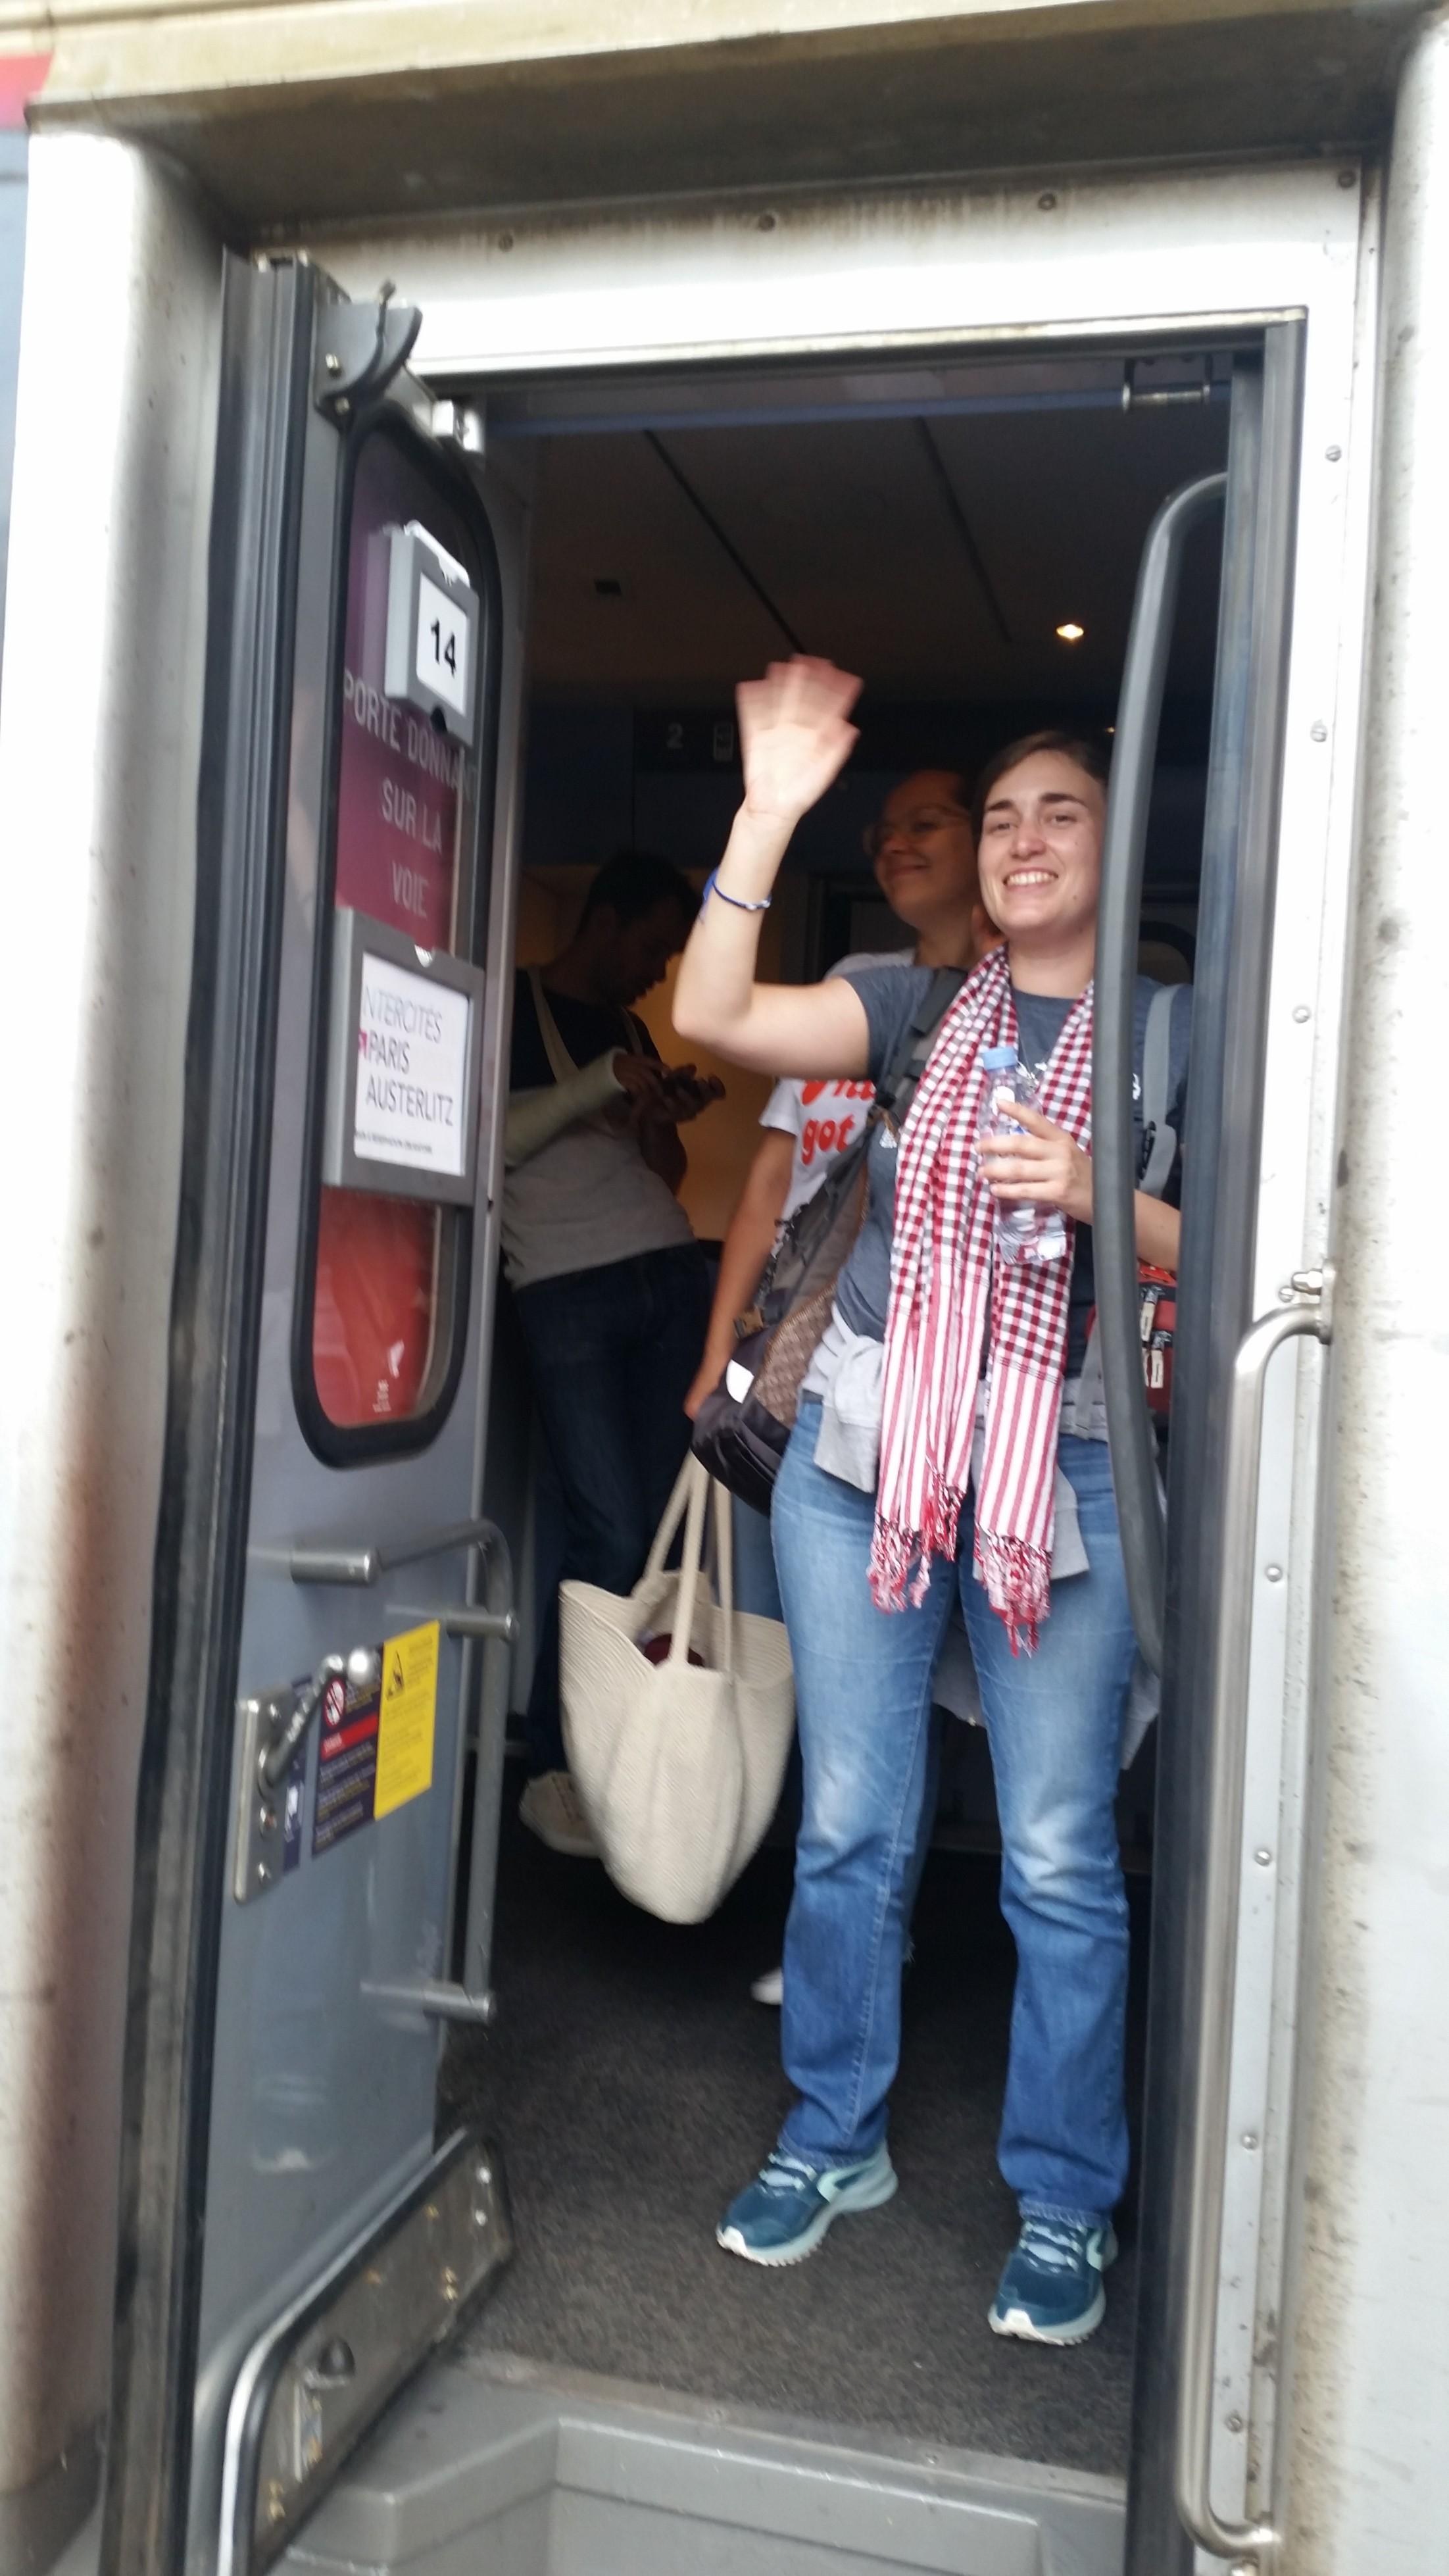 Dans le train pour Paris, derniers moments avant le départ